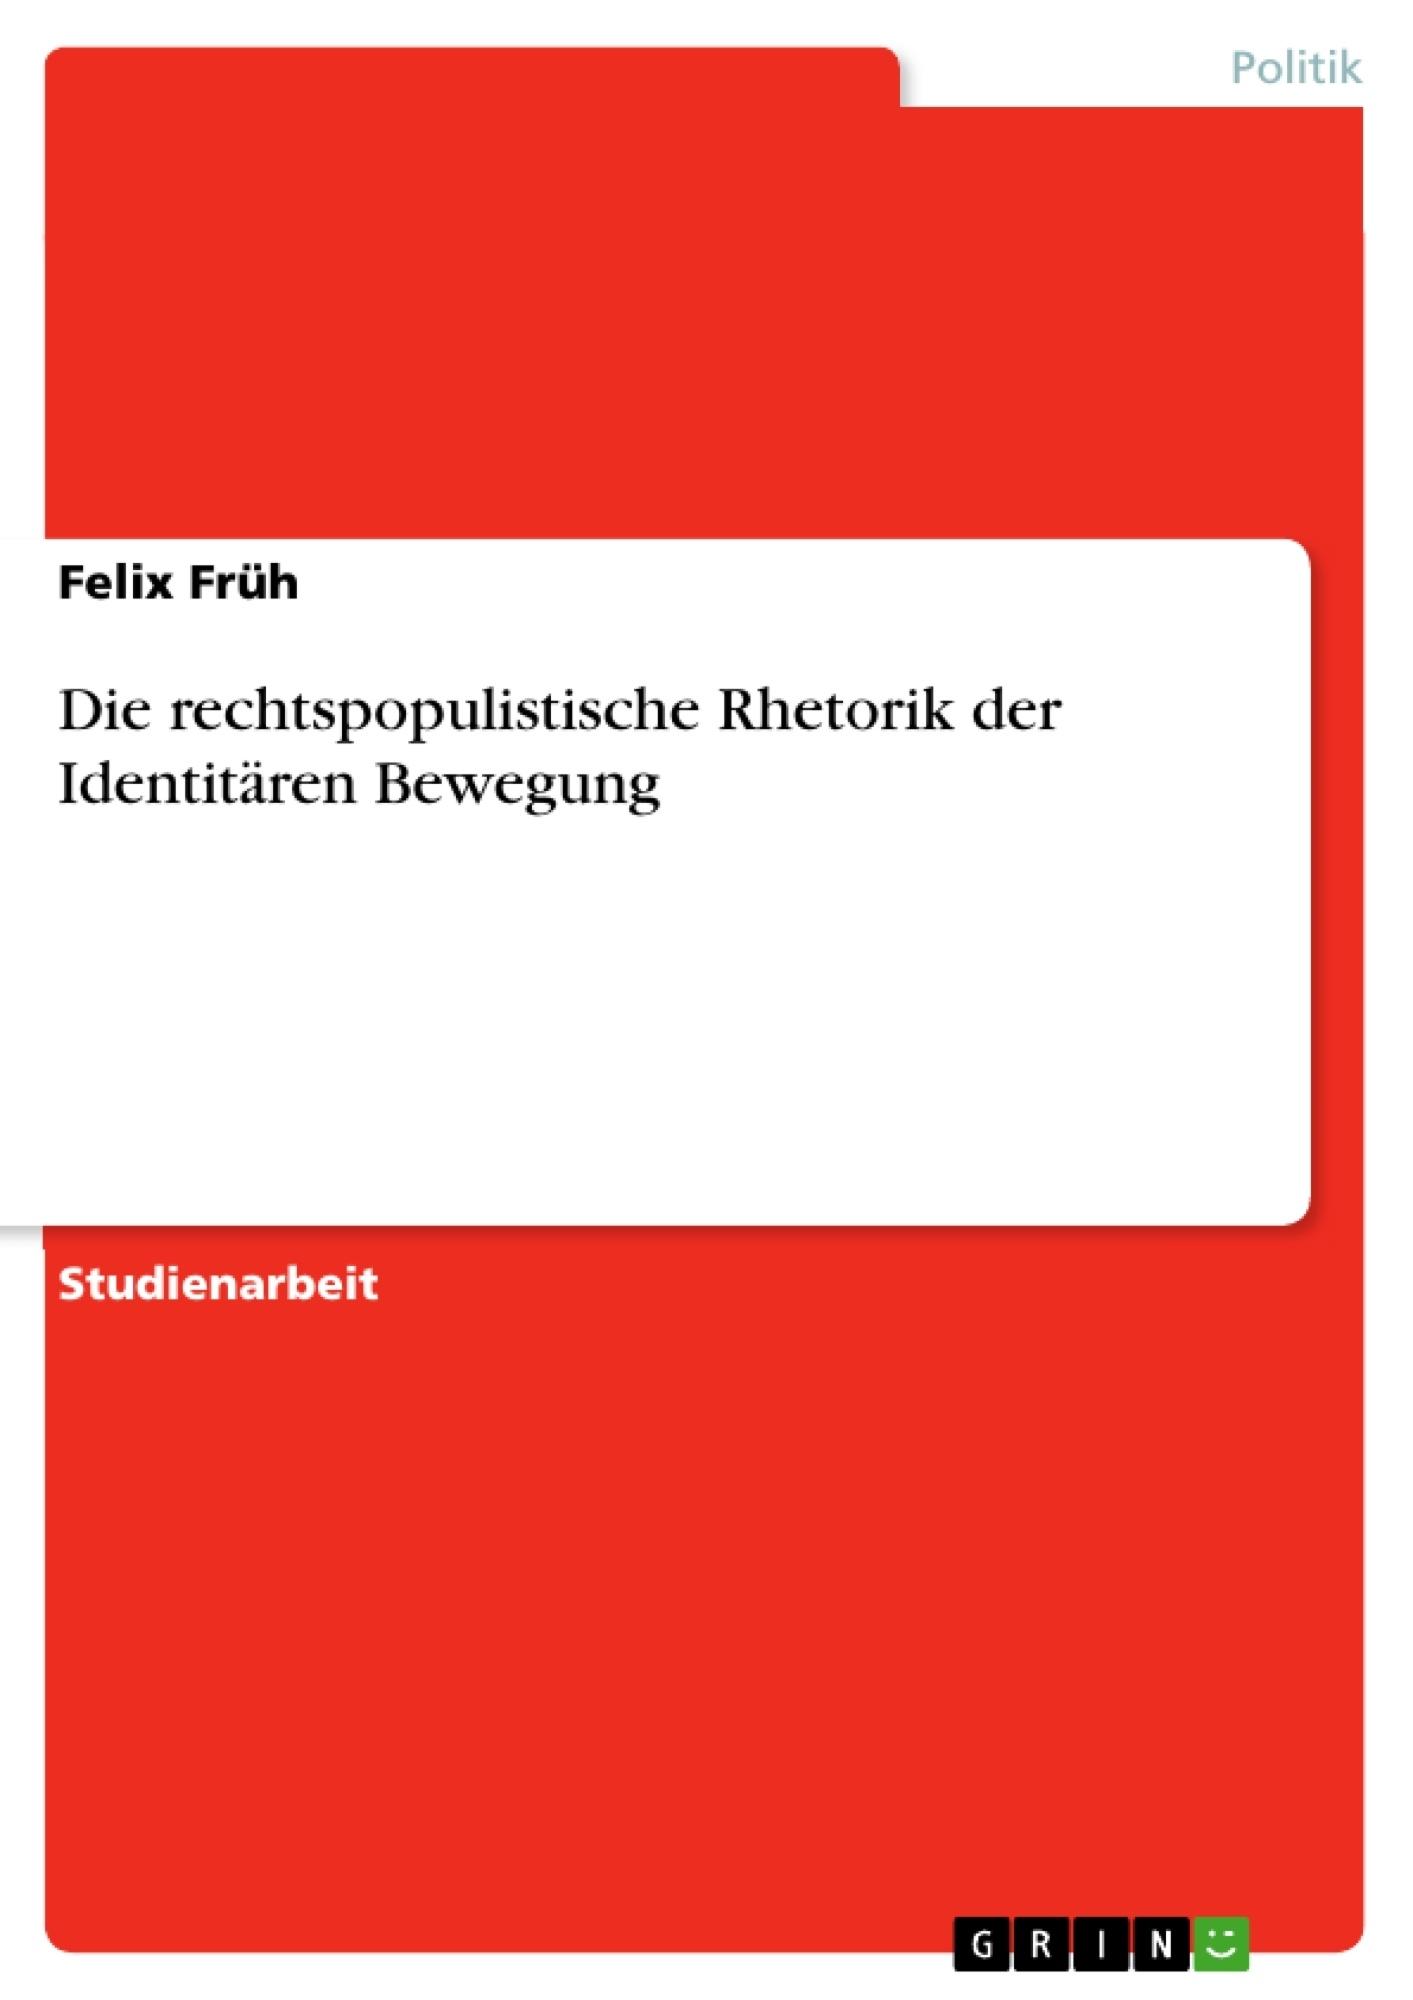 Titel: Die rechtspopulistische Rhetorik der Identitären Bewegung